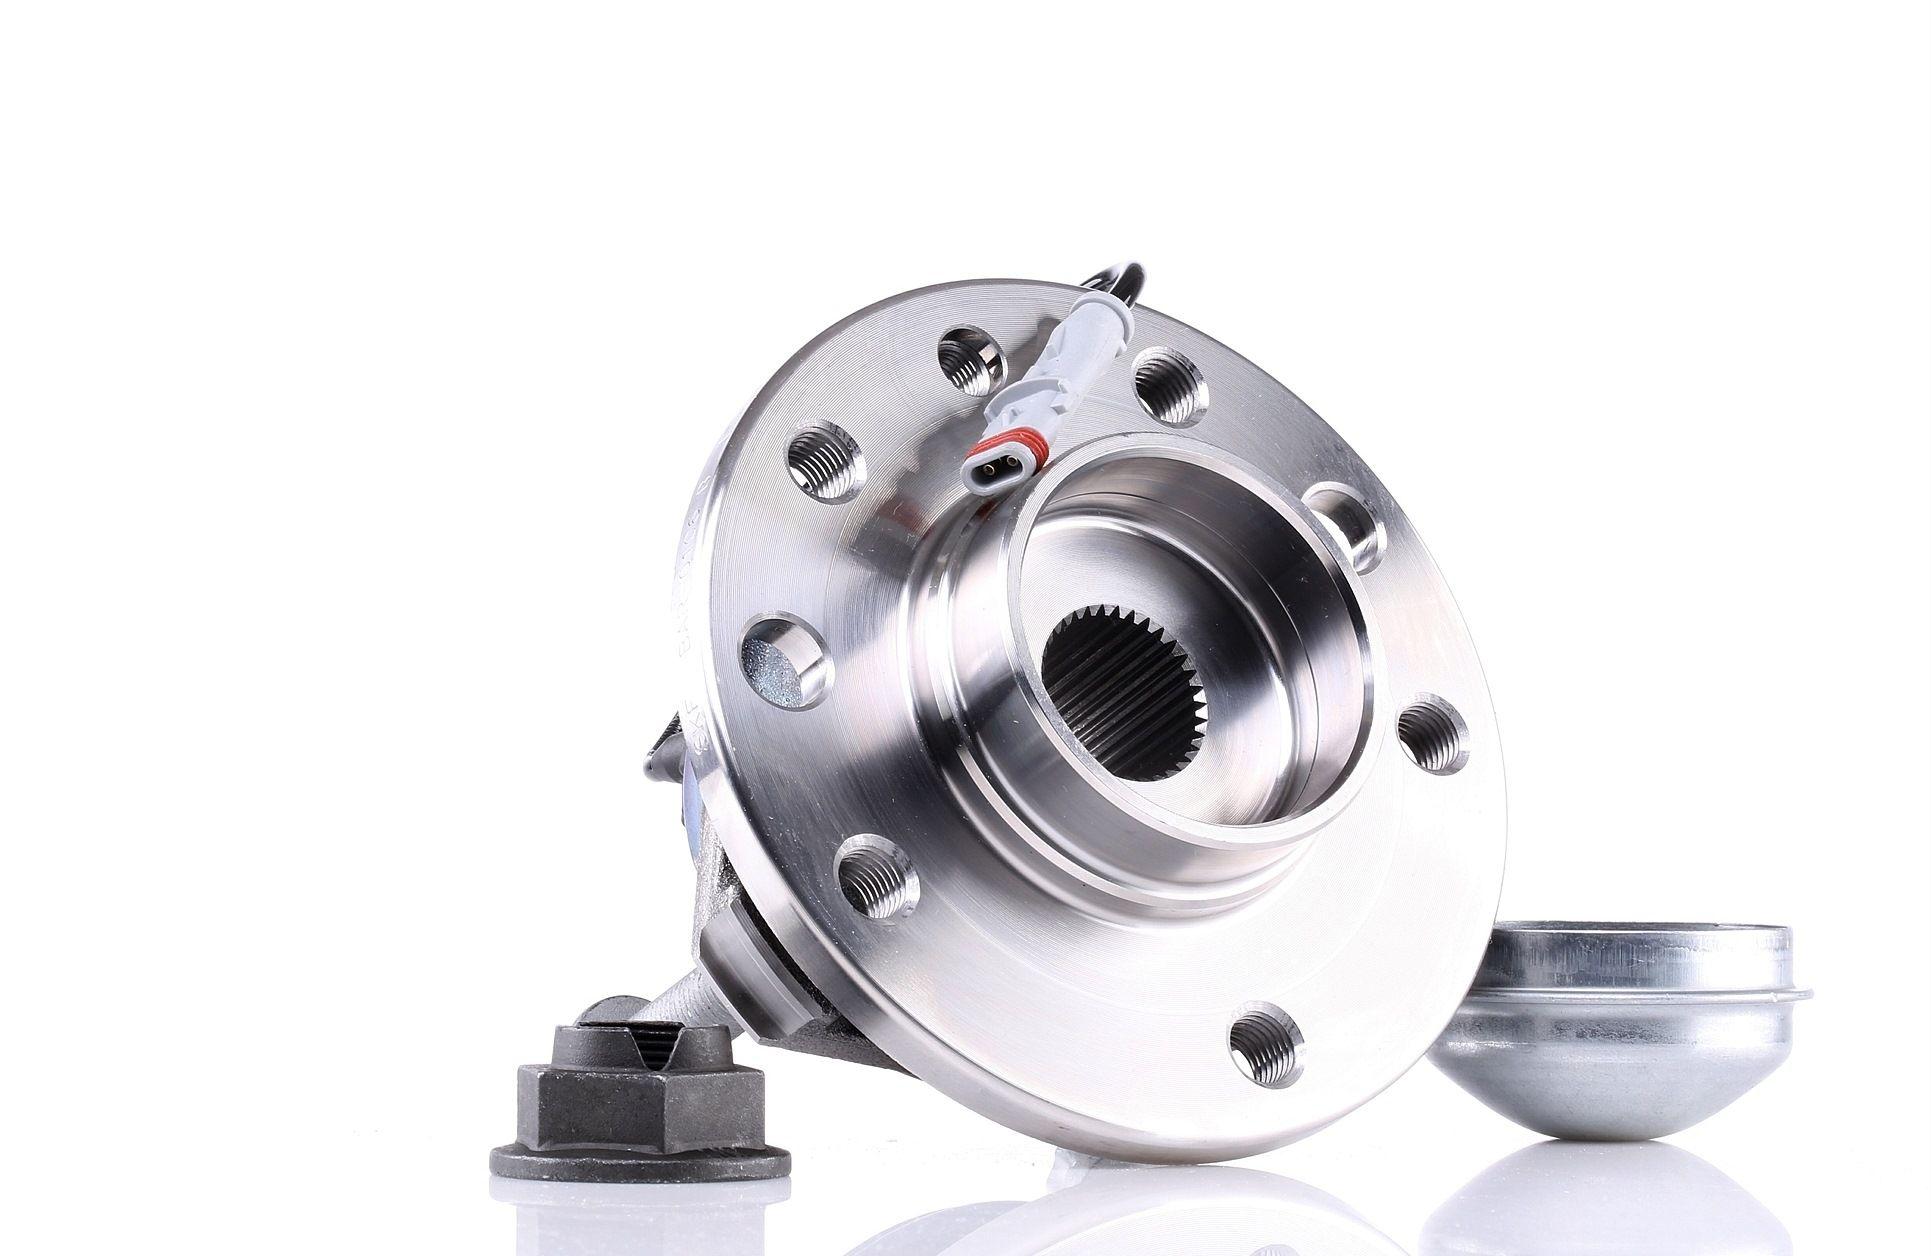 Kit de roulement de roue VKBA 3651 acquérir bon marché!